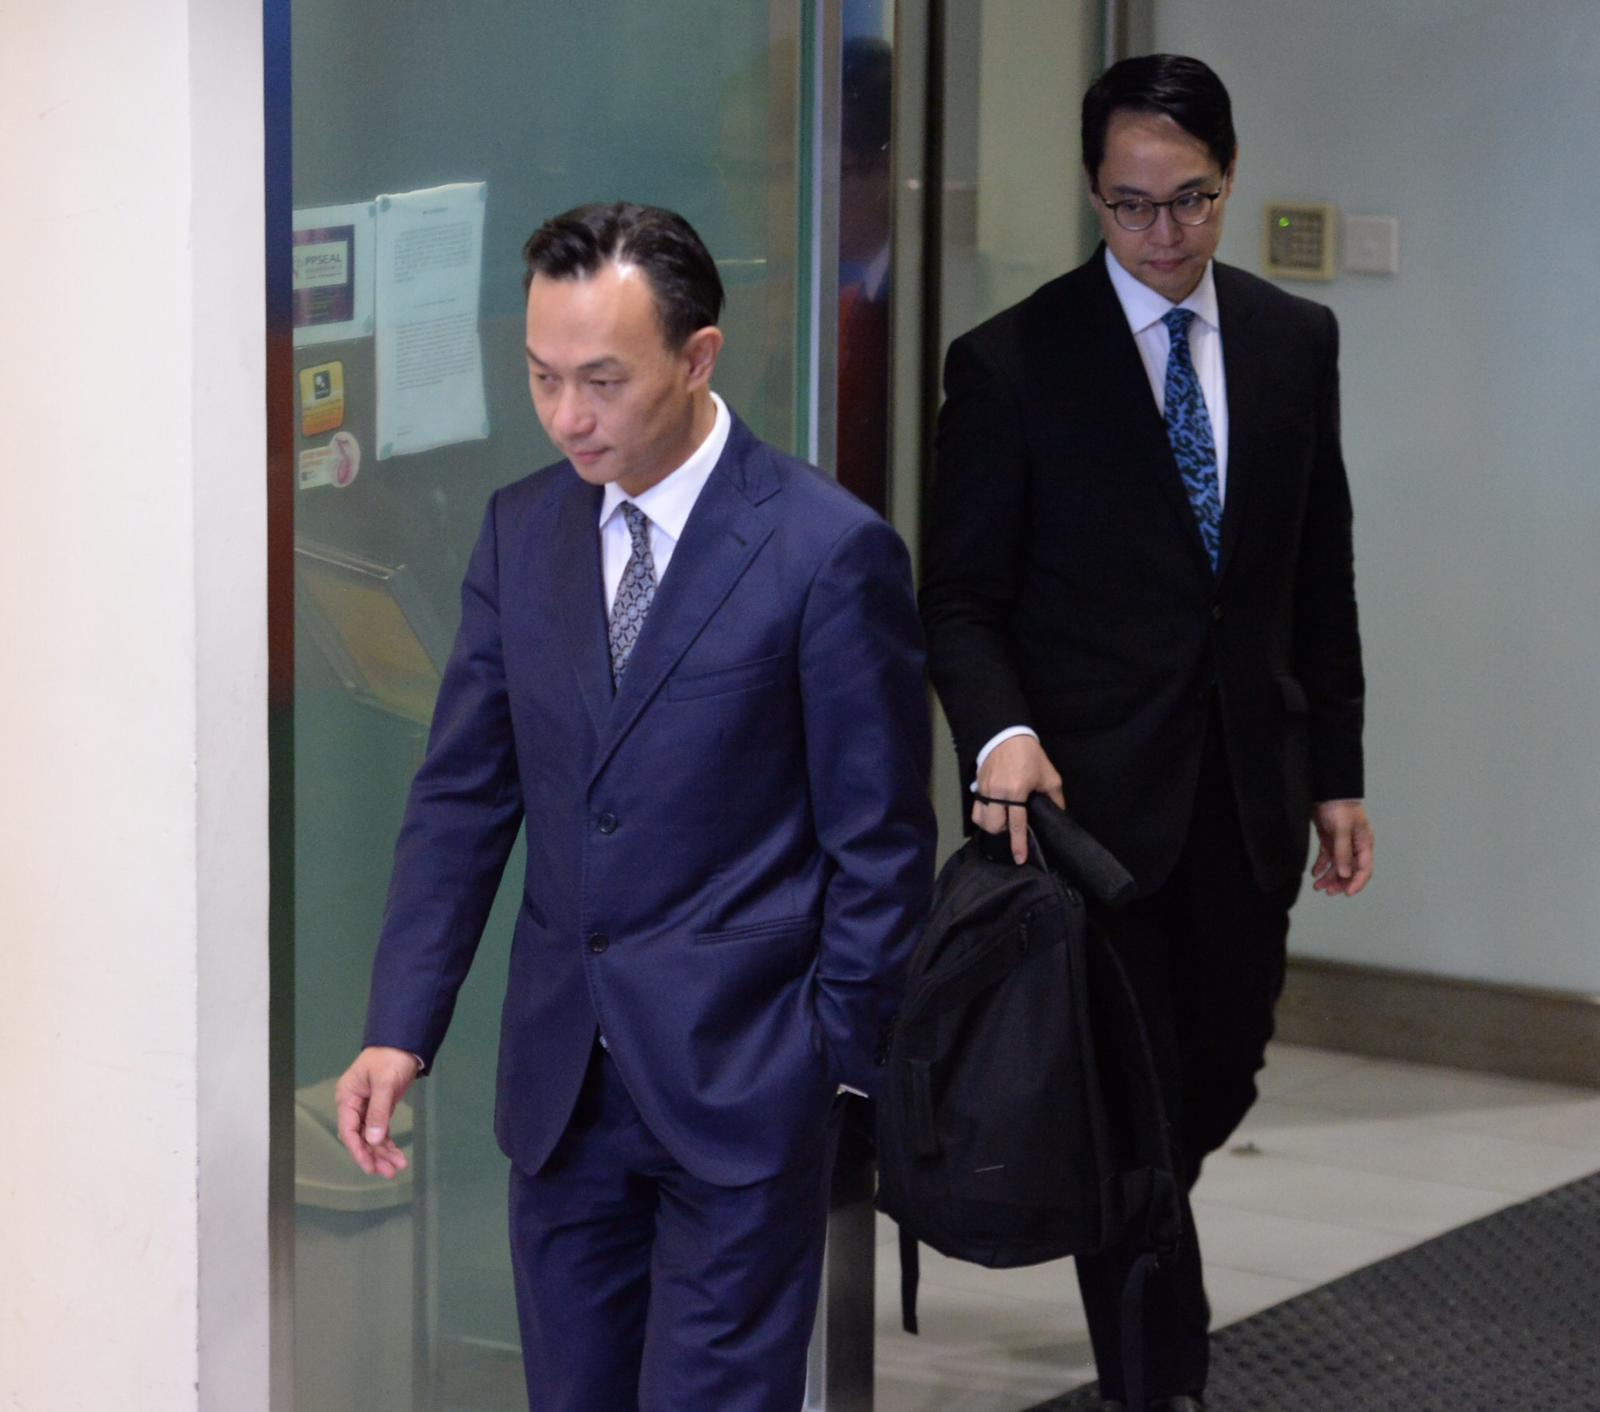 【逃犯条例】上诉被驳回 民阵取消明日8.31游行集会